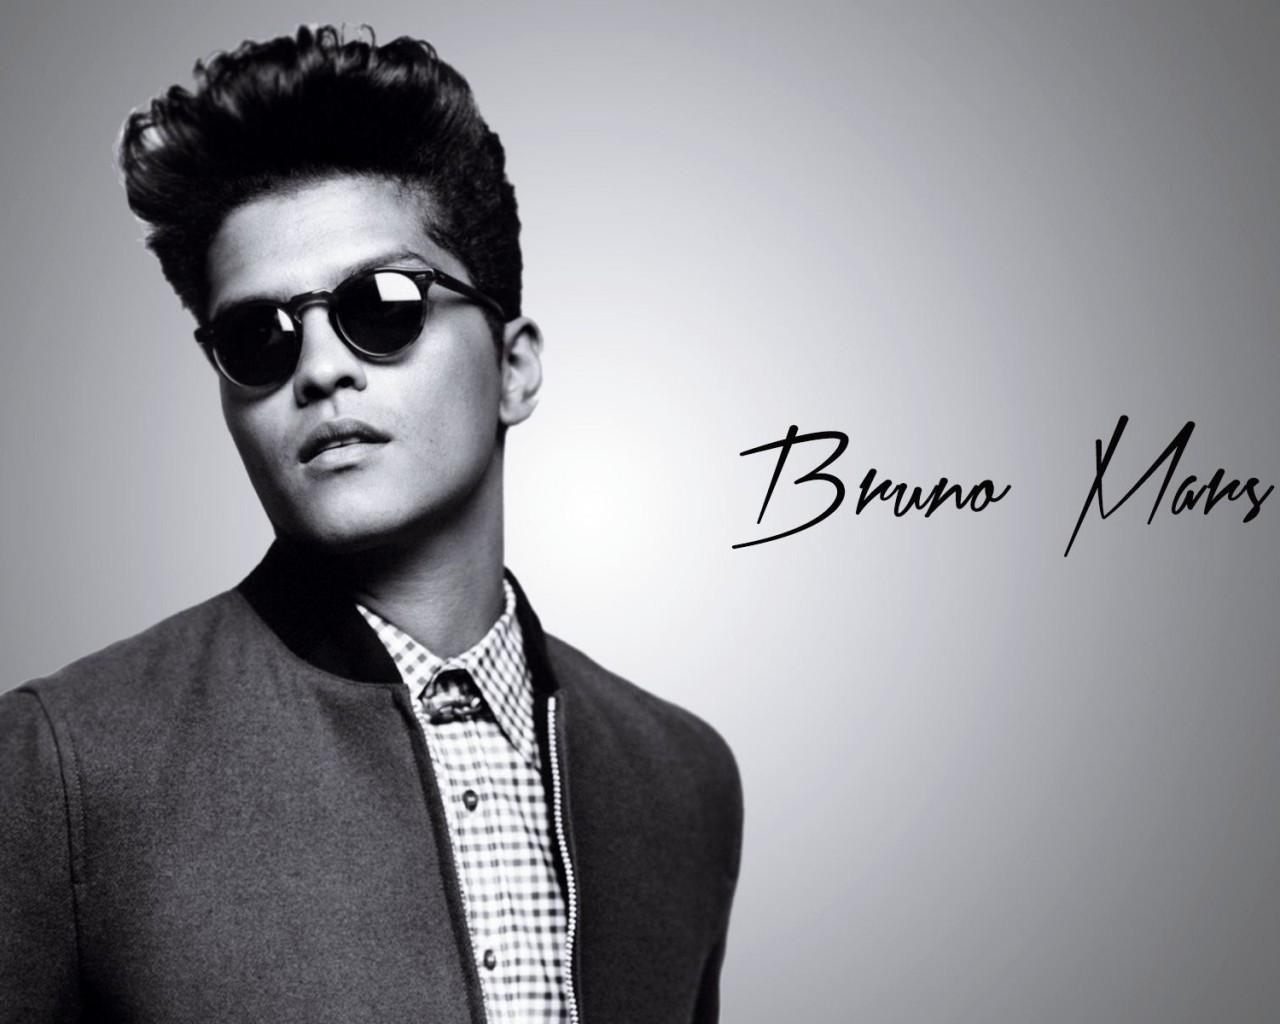 Bruno Mars 2019 Wallpapers